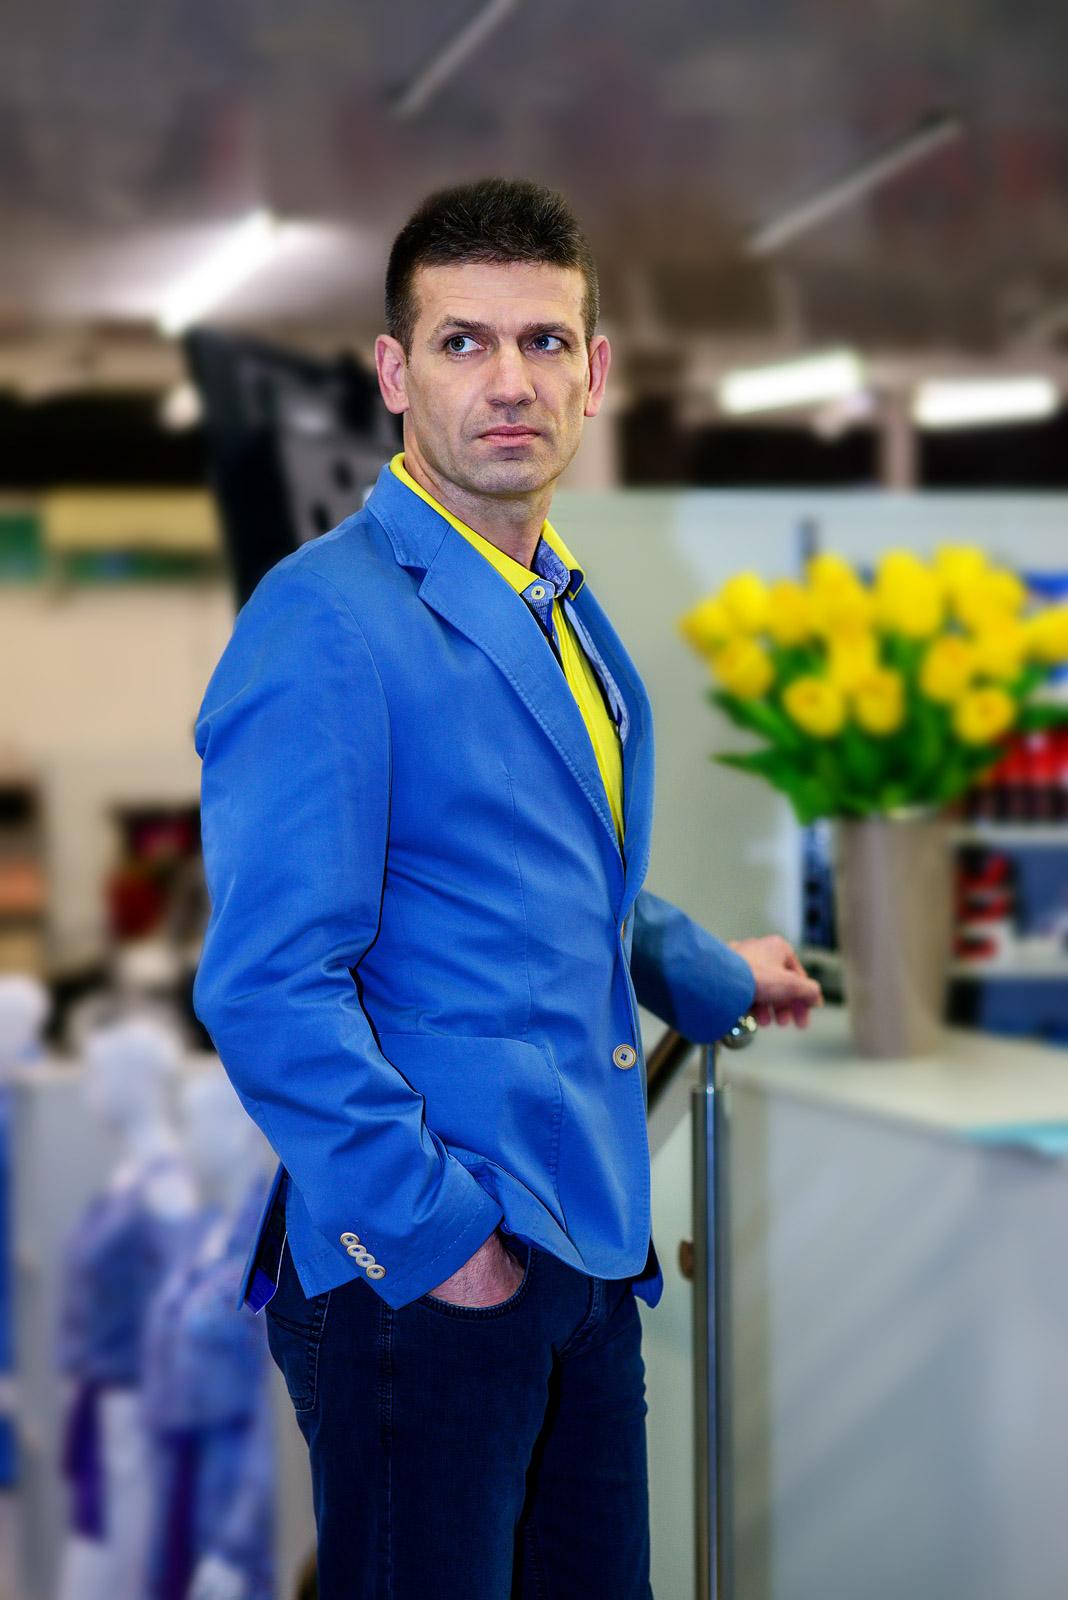 marynarka Pierre Cardin 699 zł polo żółte Pierre Cardin 199 zł spodnie jeans Pioneer 299 zł | Leopold Radliński